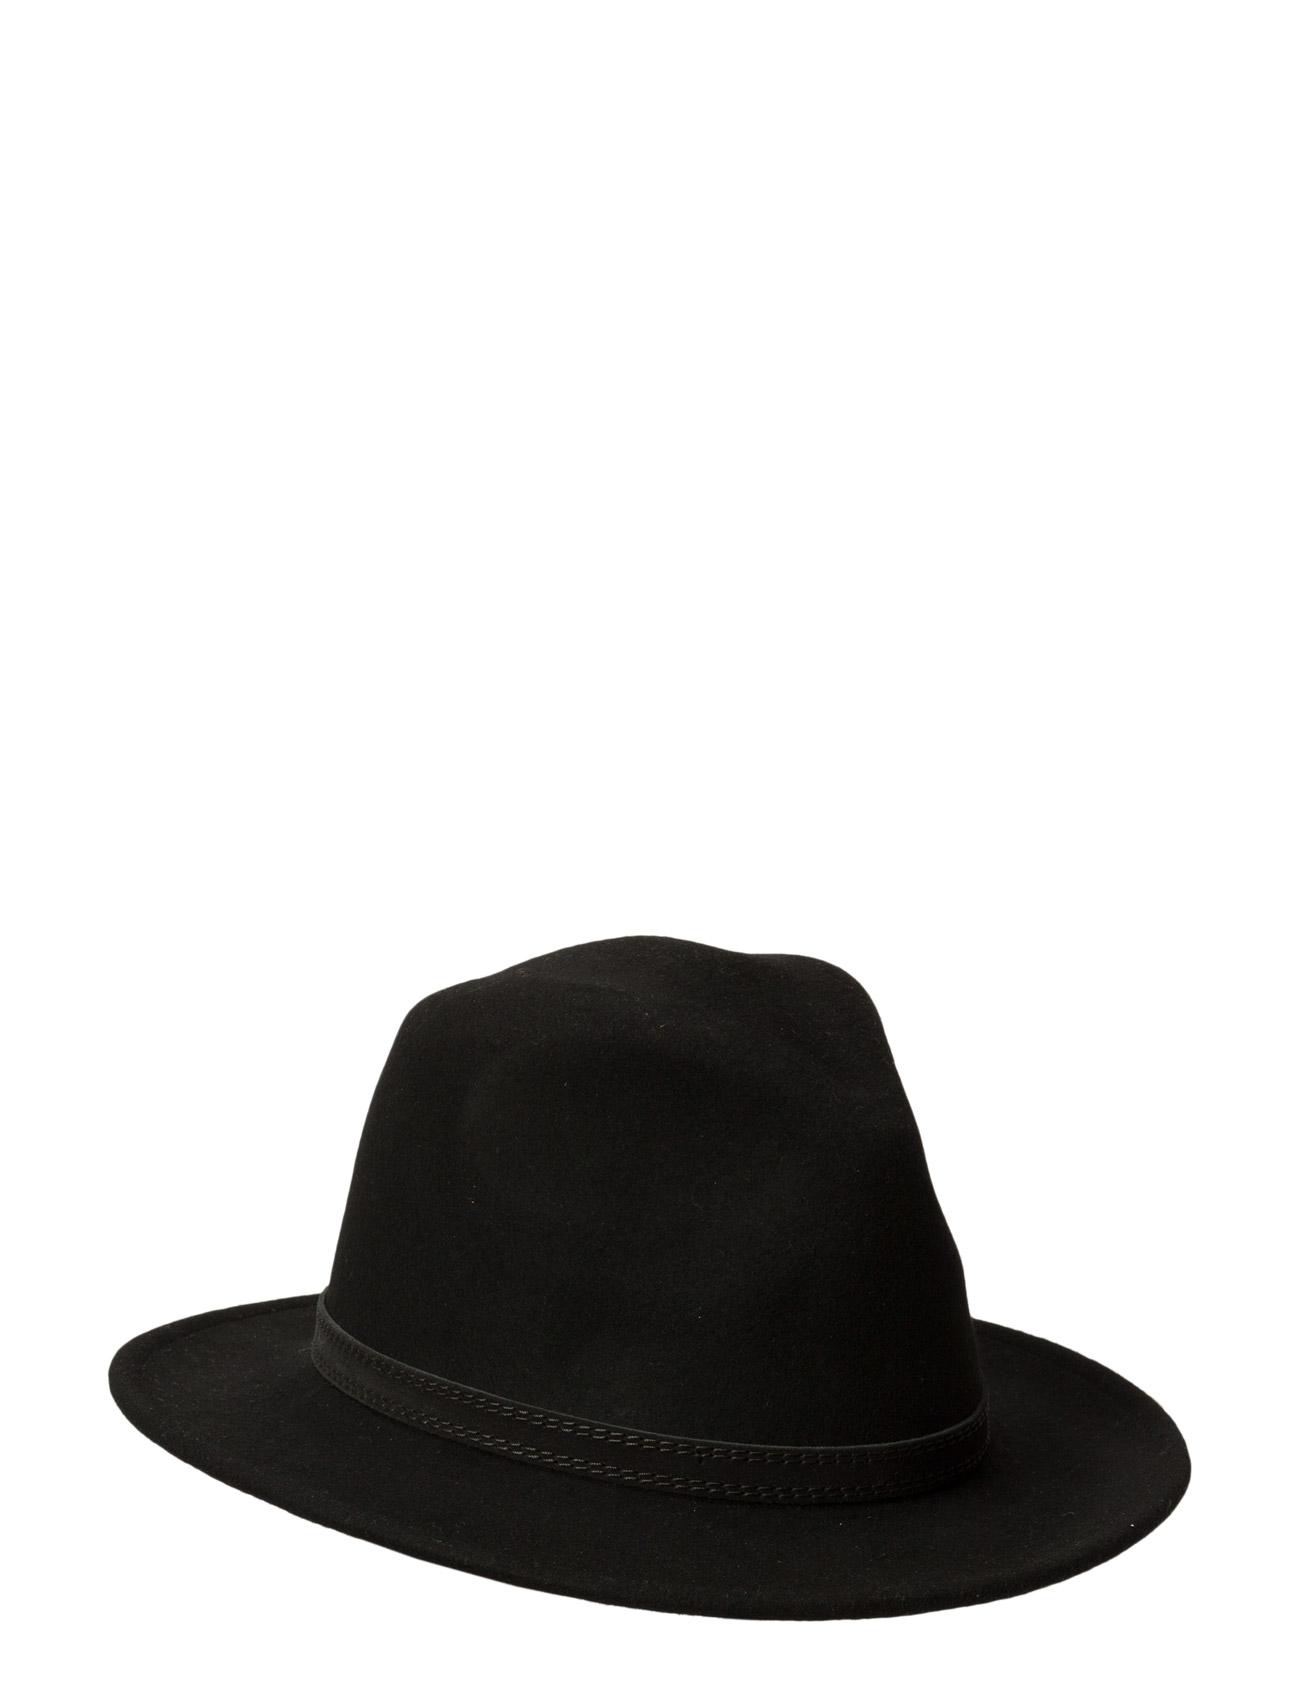 Mjm Cph Wool Felt Black MJM Hatte & Caps til Mænd i Sort